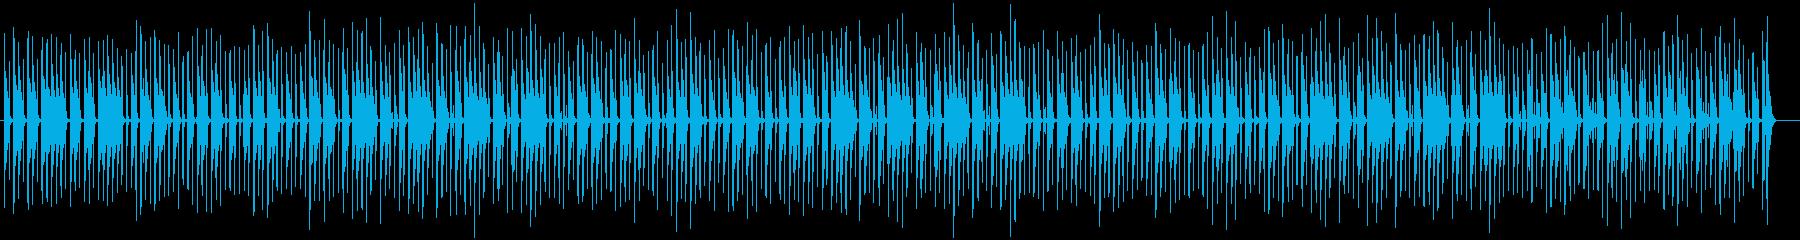 可愛く弾けるような木琴などのサウンドの再生済みの波形